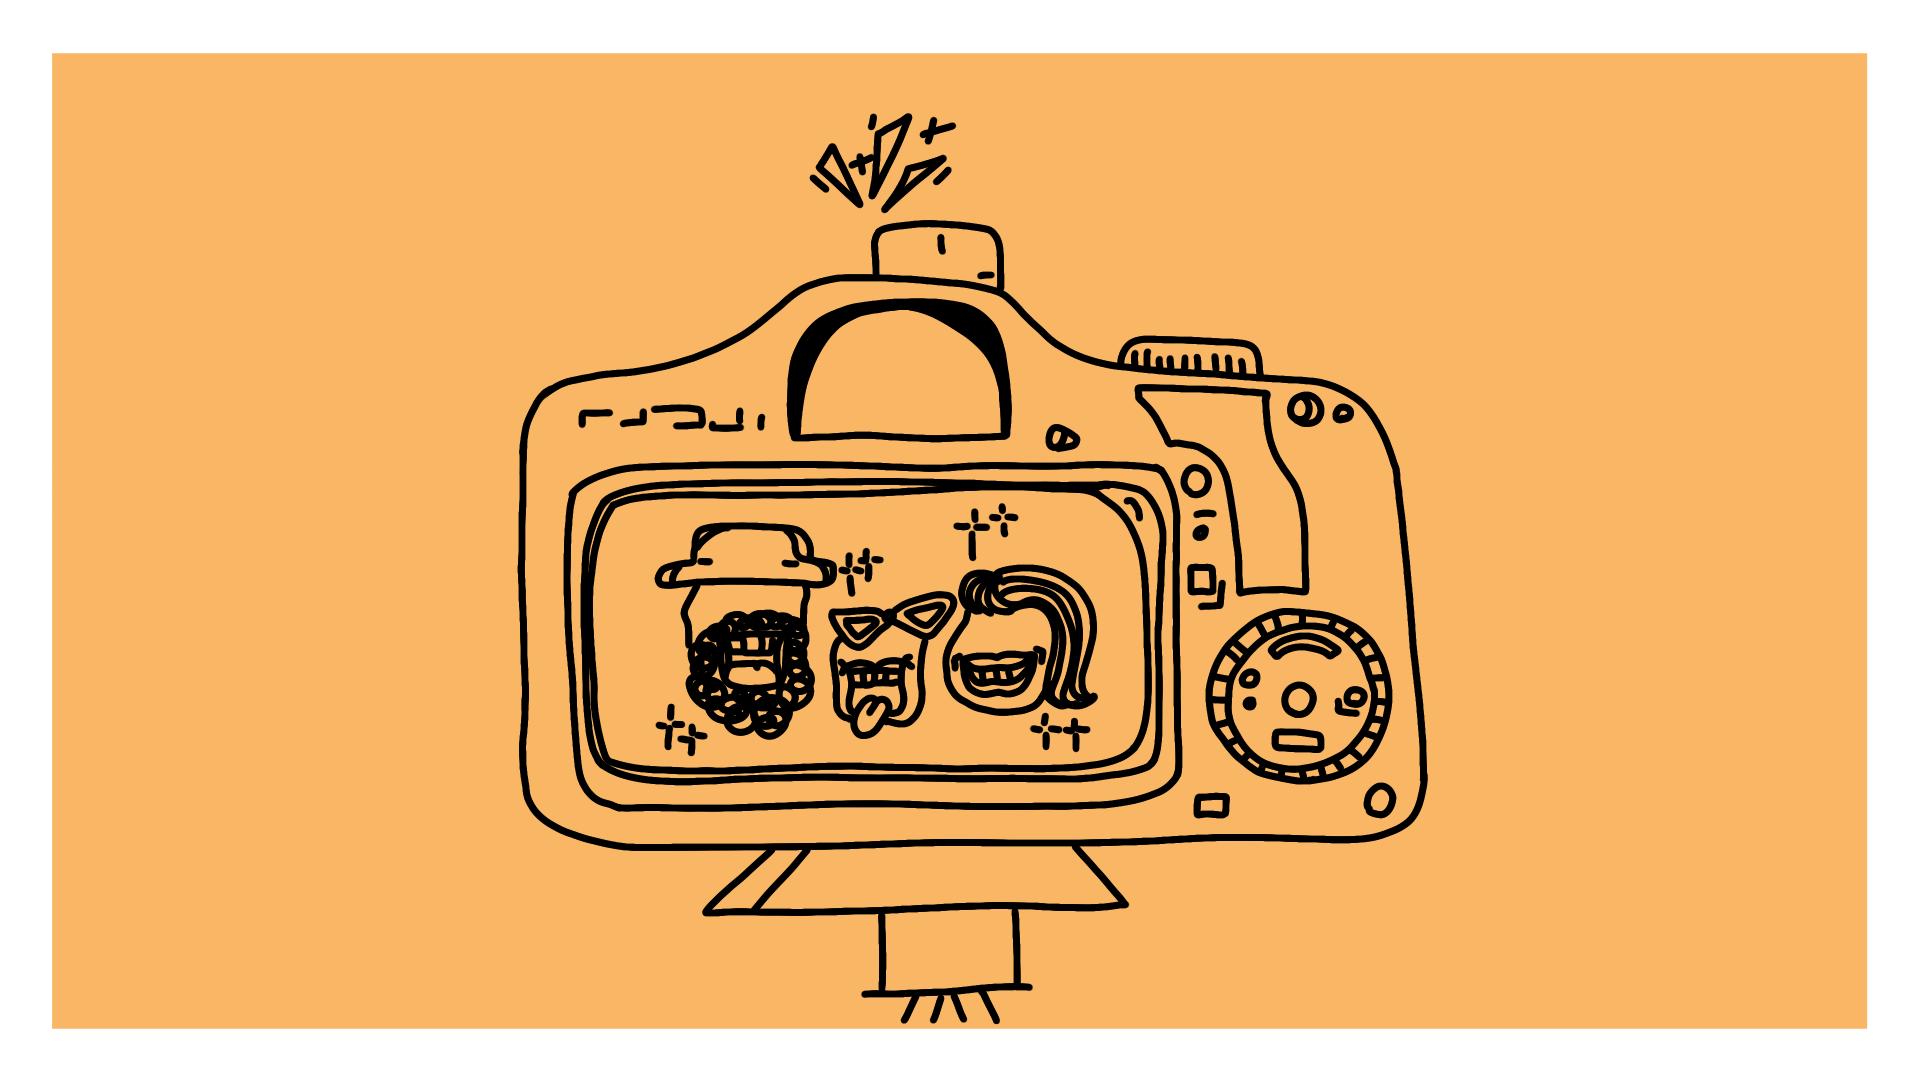 Beitragsbild - eine Kamera, auf deren Bildschirm eine fröhliche Familie zu sehen ist